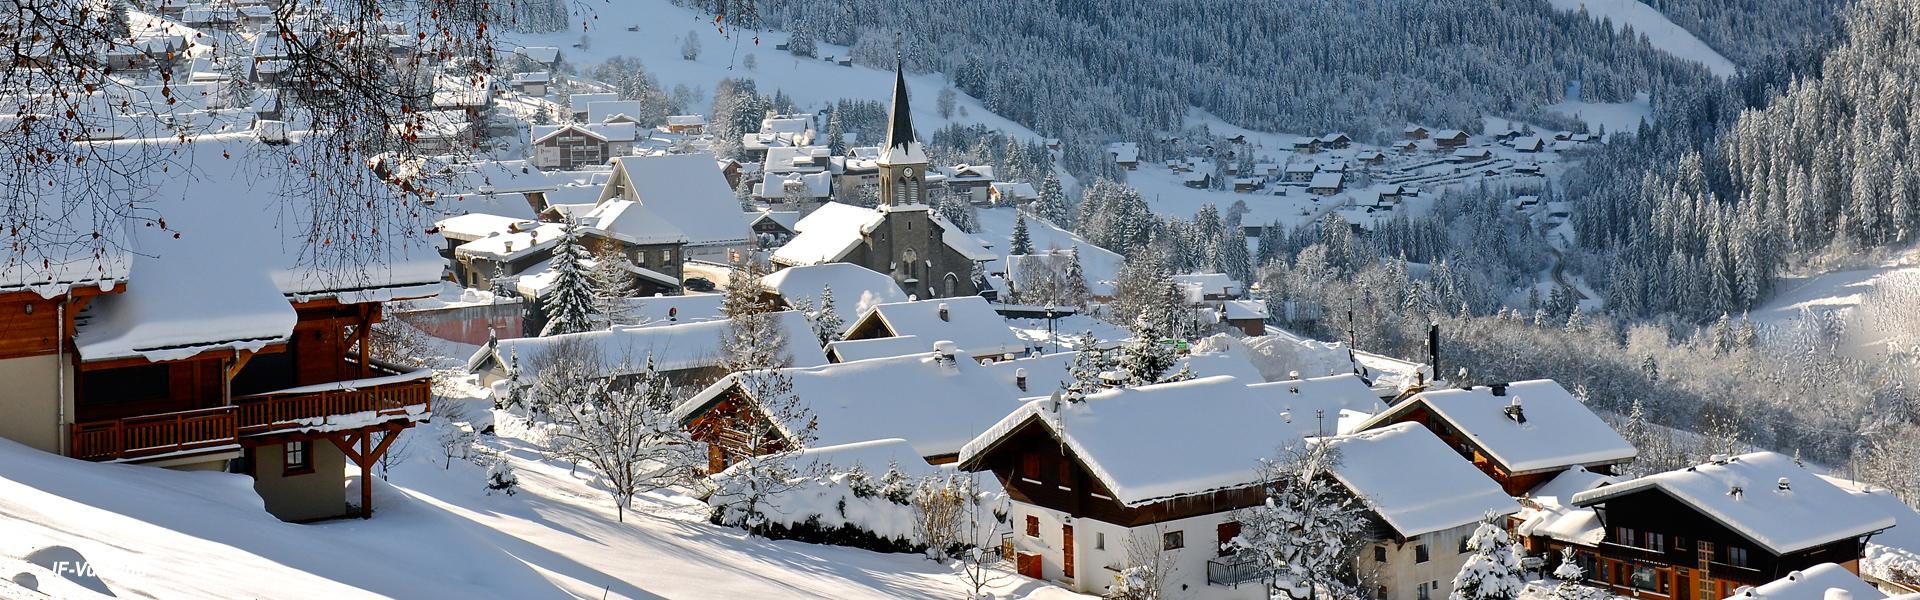 Ch tel station de ski haute savoie - Office de tourisme chatel 74 ...